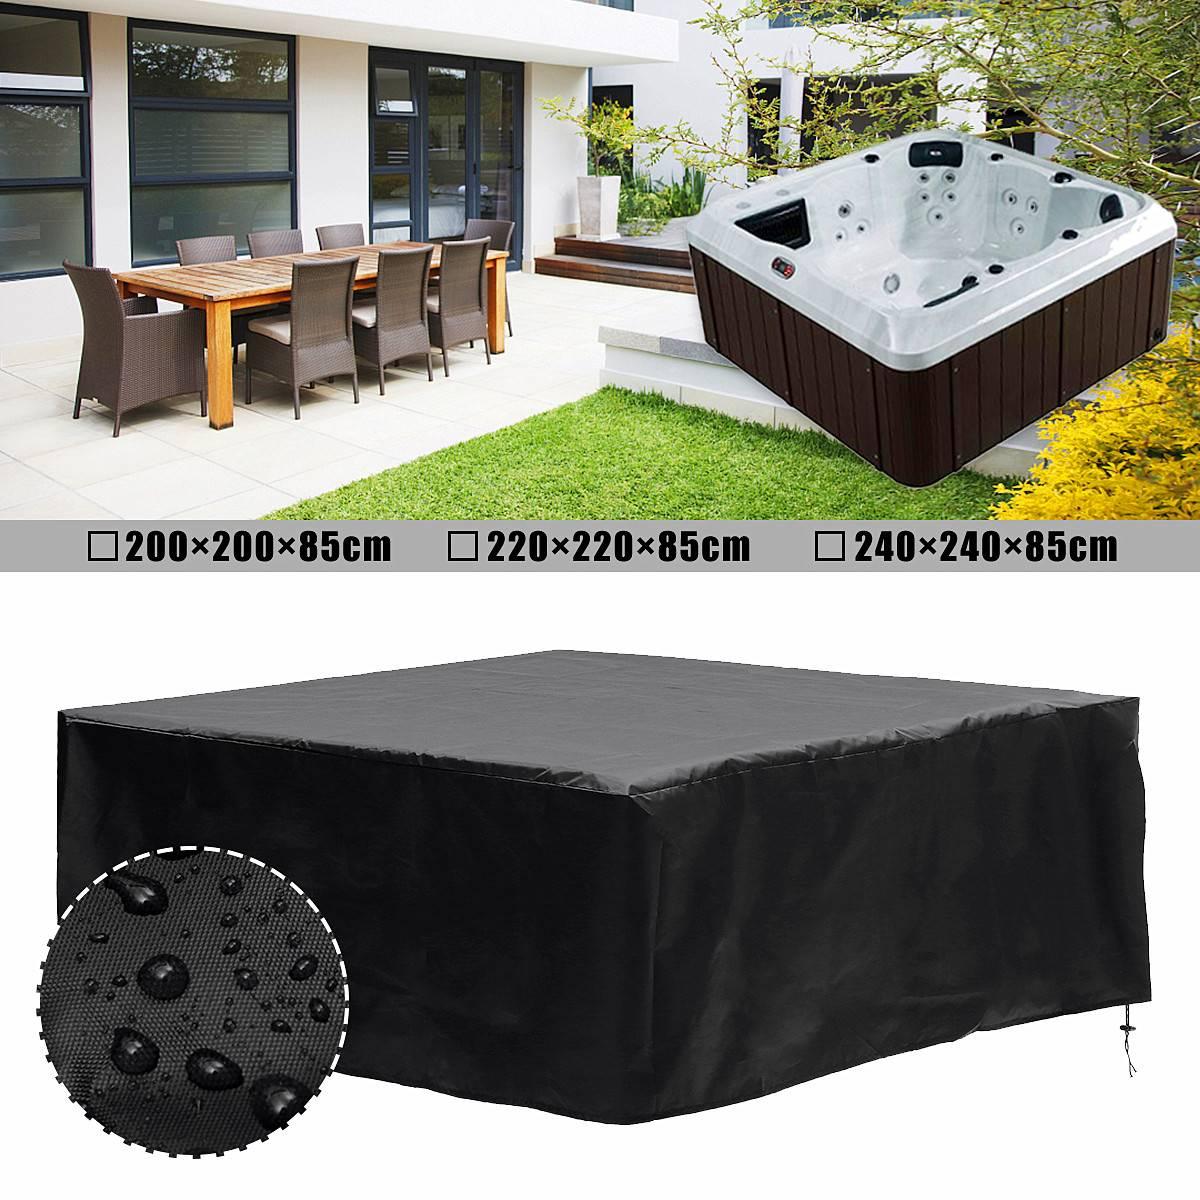 200/220/240*85 cm Spa couvre capuchon baignoire couverture bain à remous temps couvre ombre baignoire couverture anti-poussière protecteur résistant à la chaleur